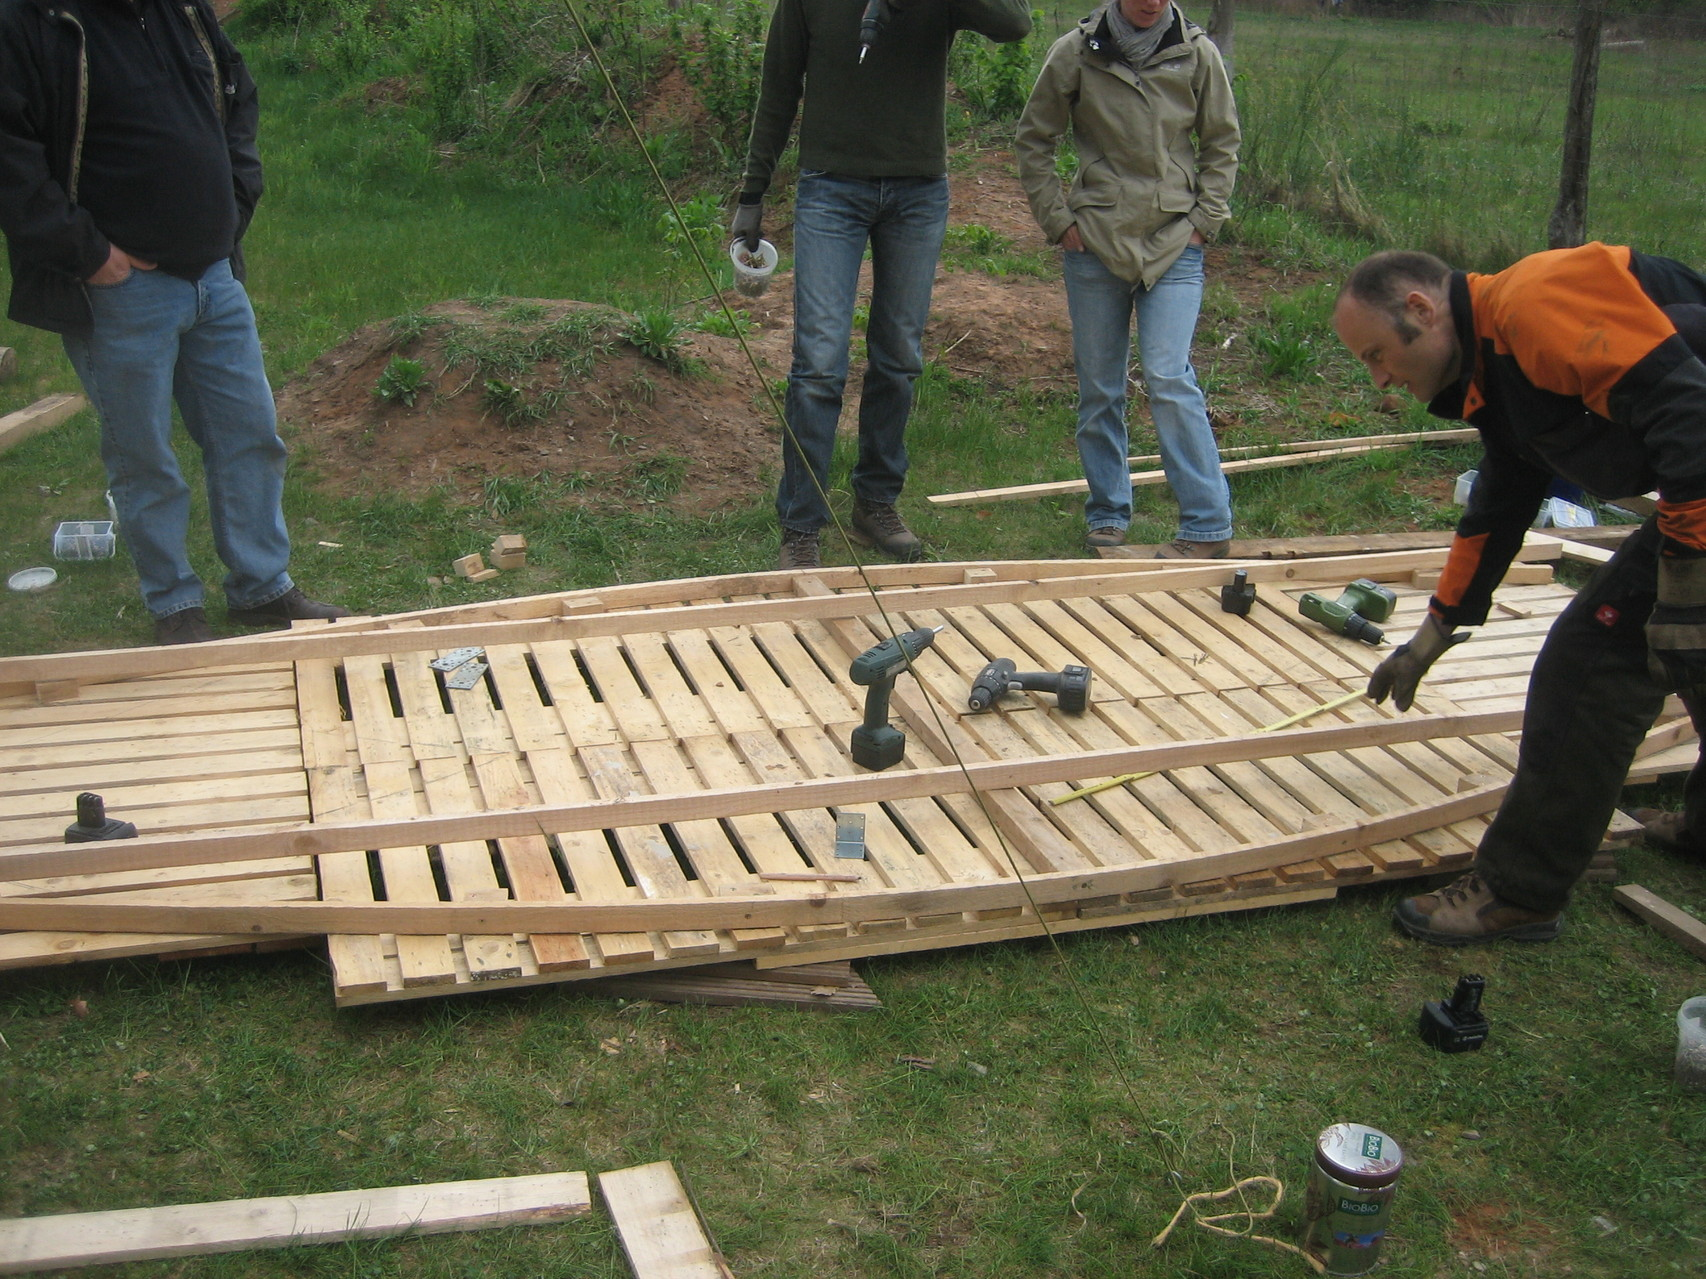 ...bauen unser Boot...